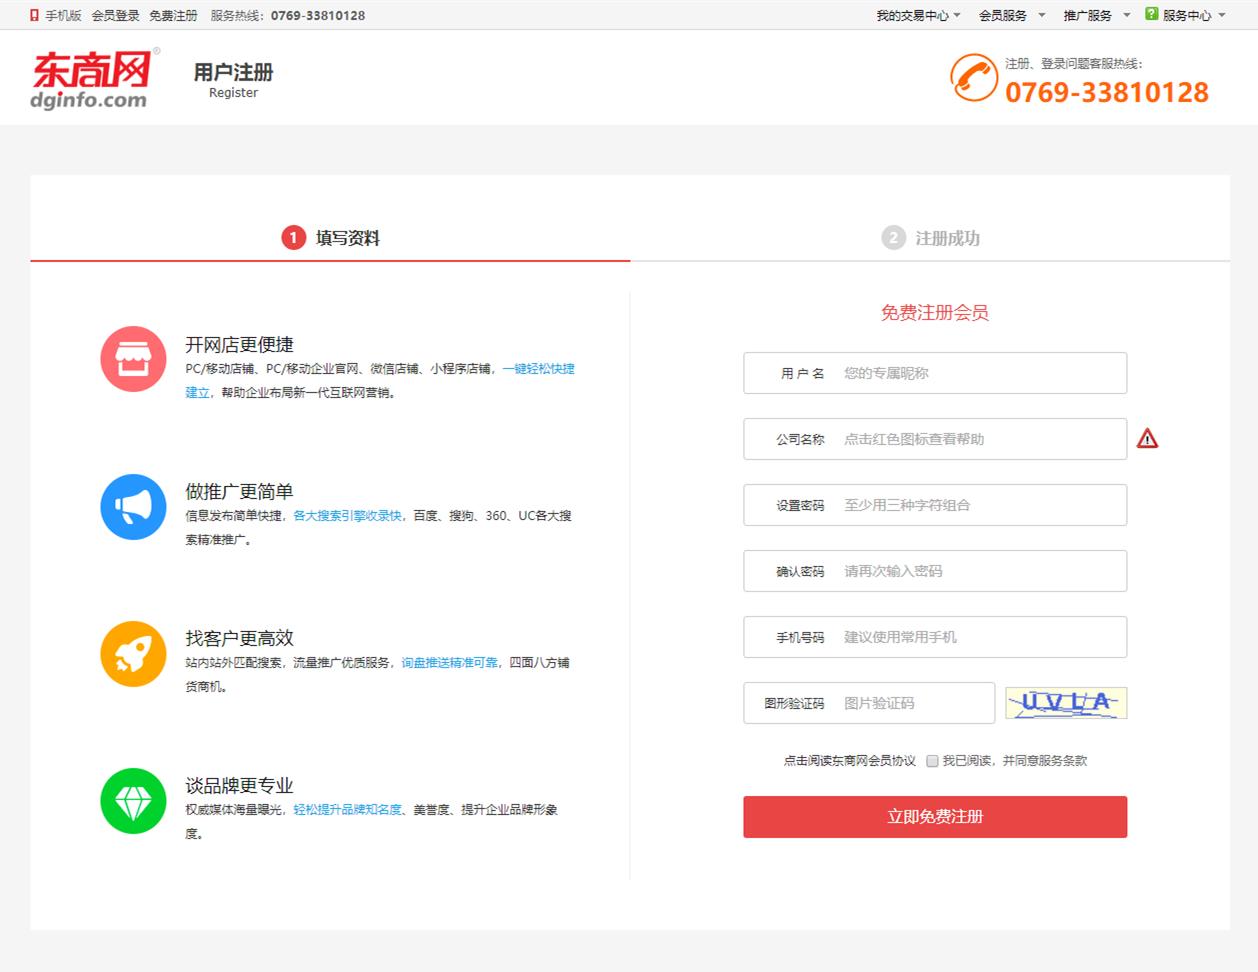 注册成为东商网会员-东商网.png